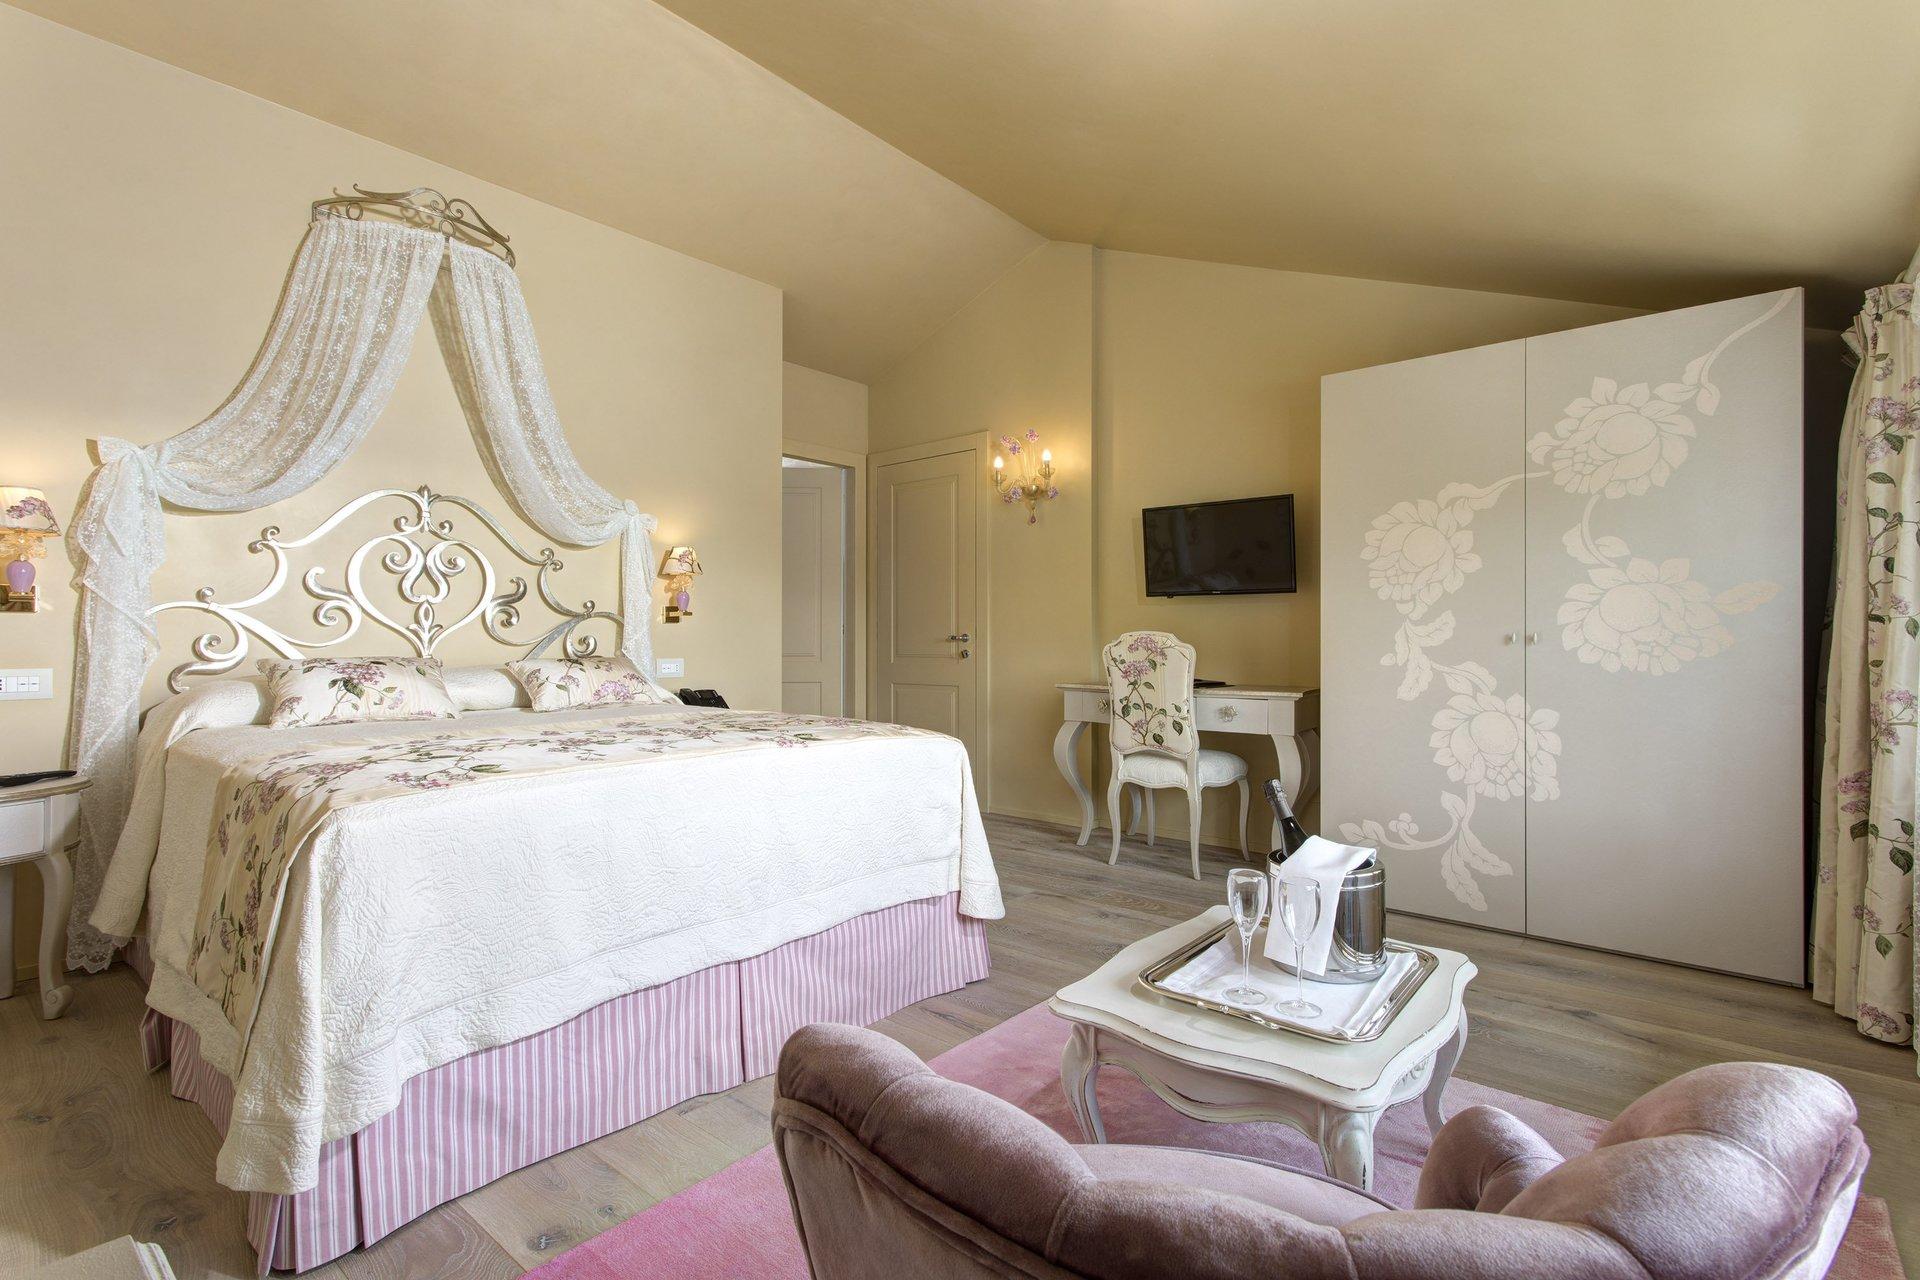 camera da letto con arredamento rinnovato